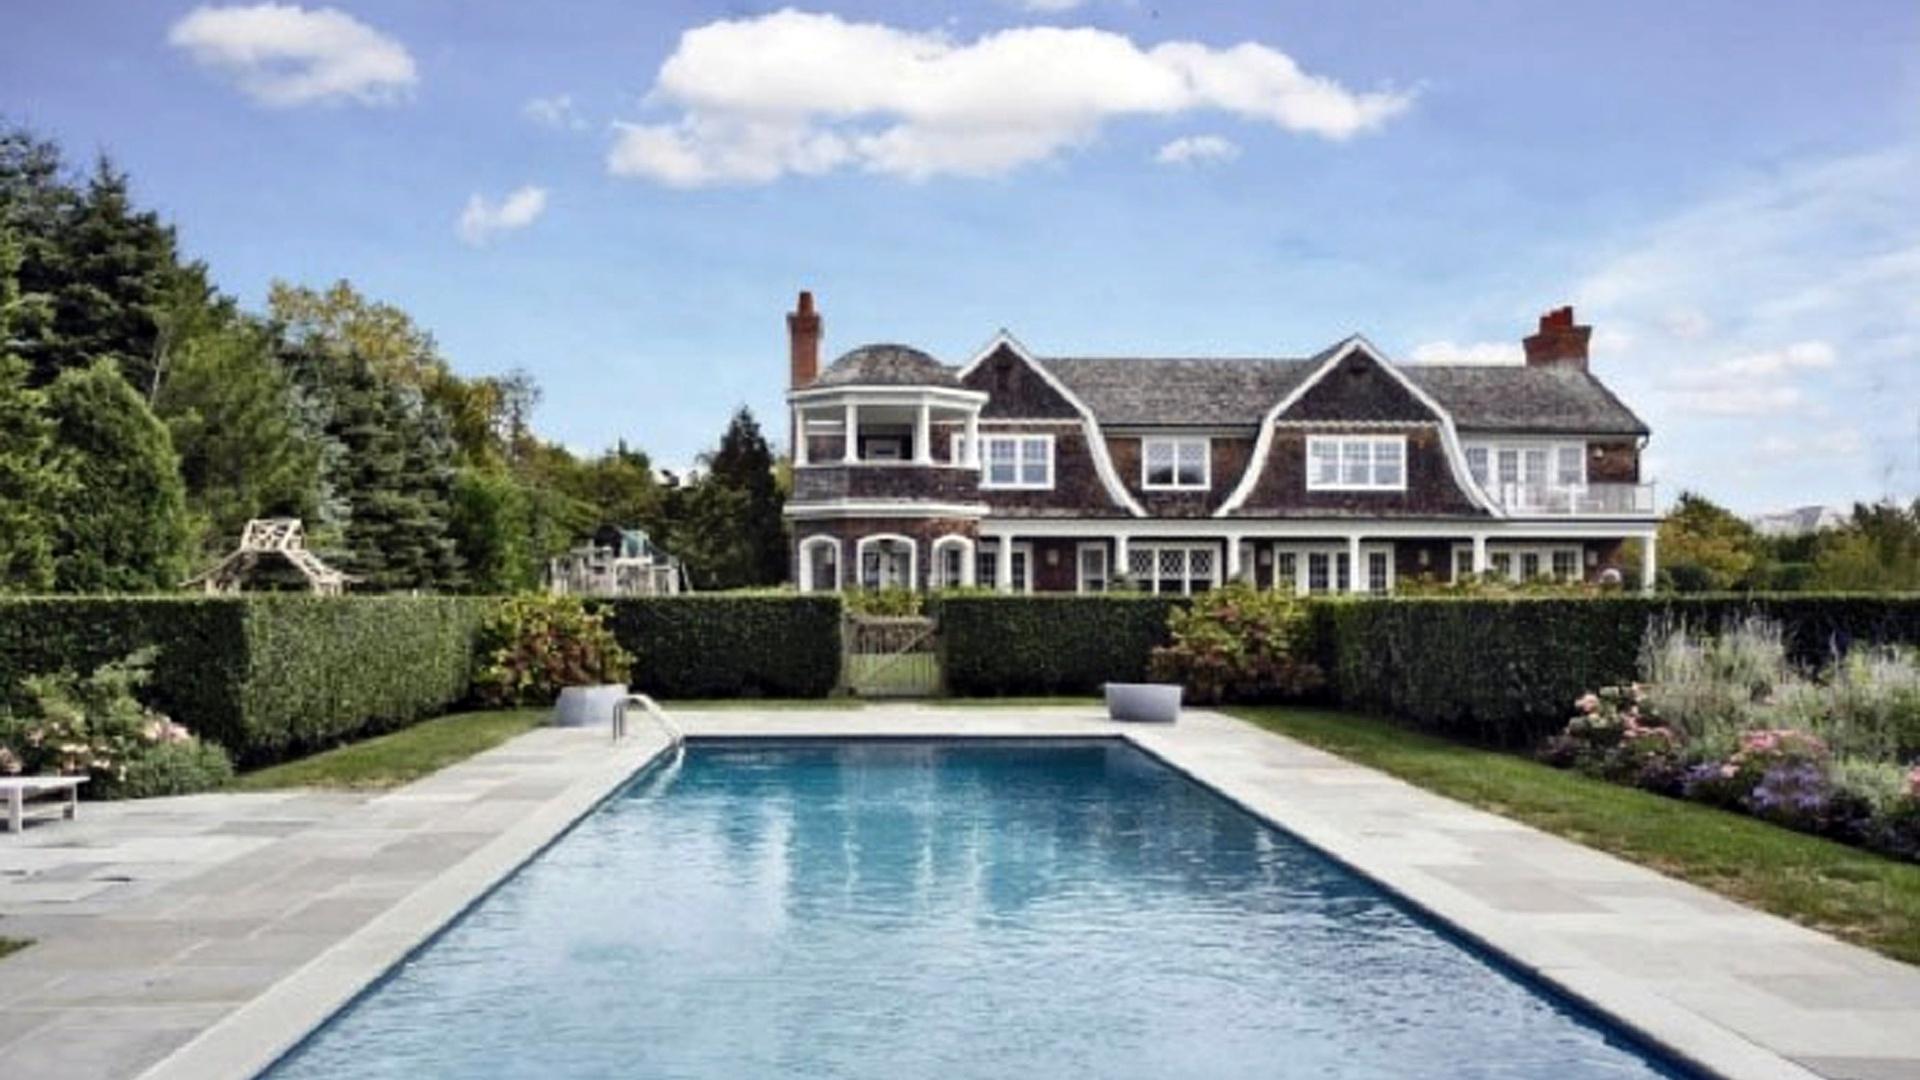 Piscina da mansão de Jennifer Lopez nos Hamptons, em Nova York